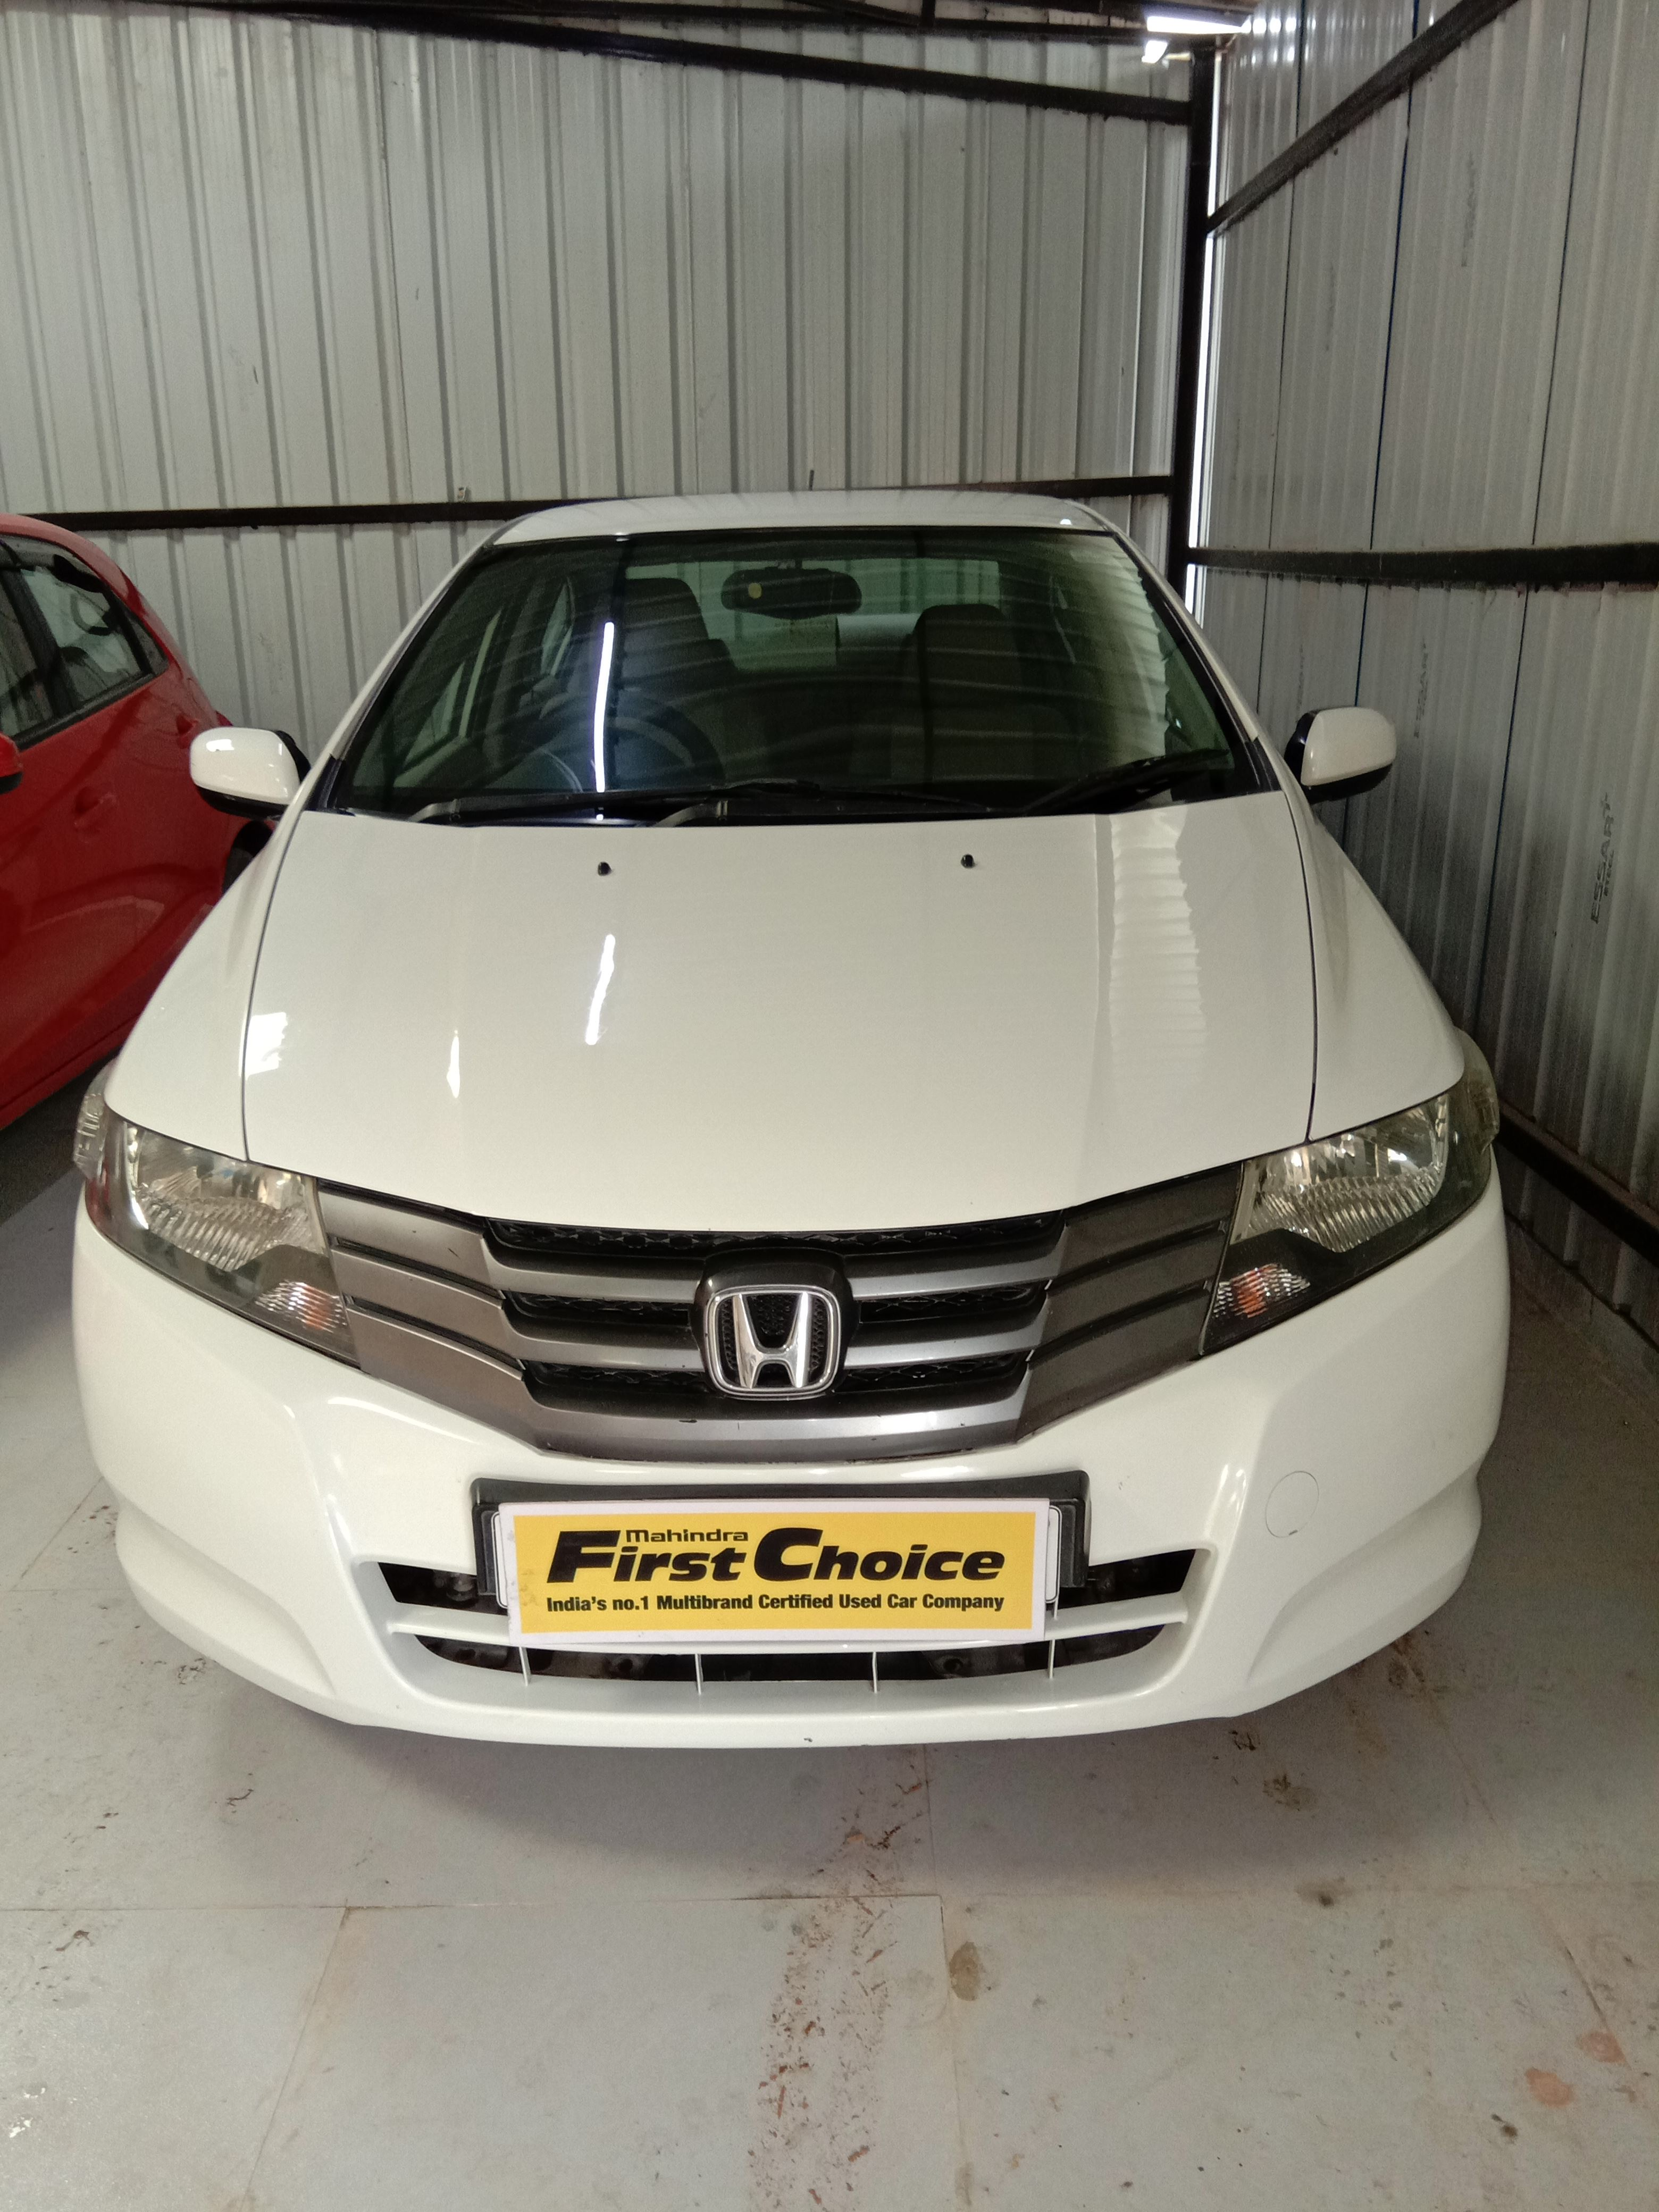 2009 Used Honda City 1.5 S AT